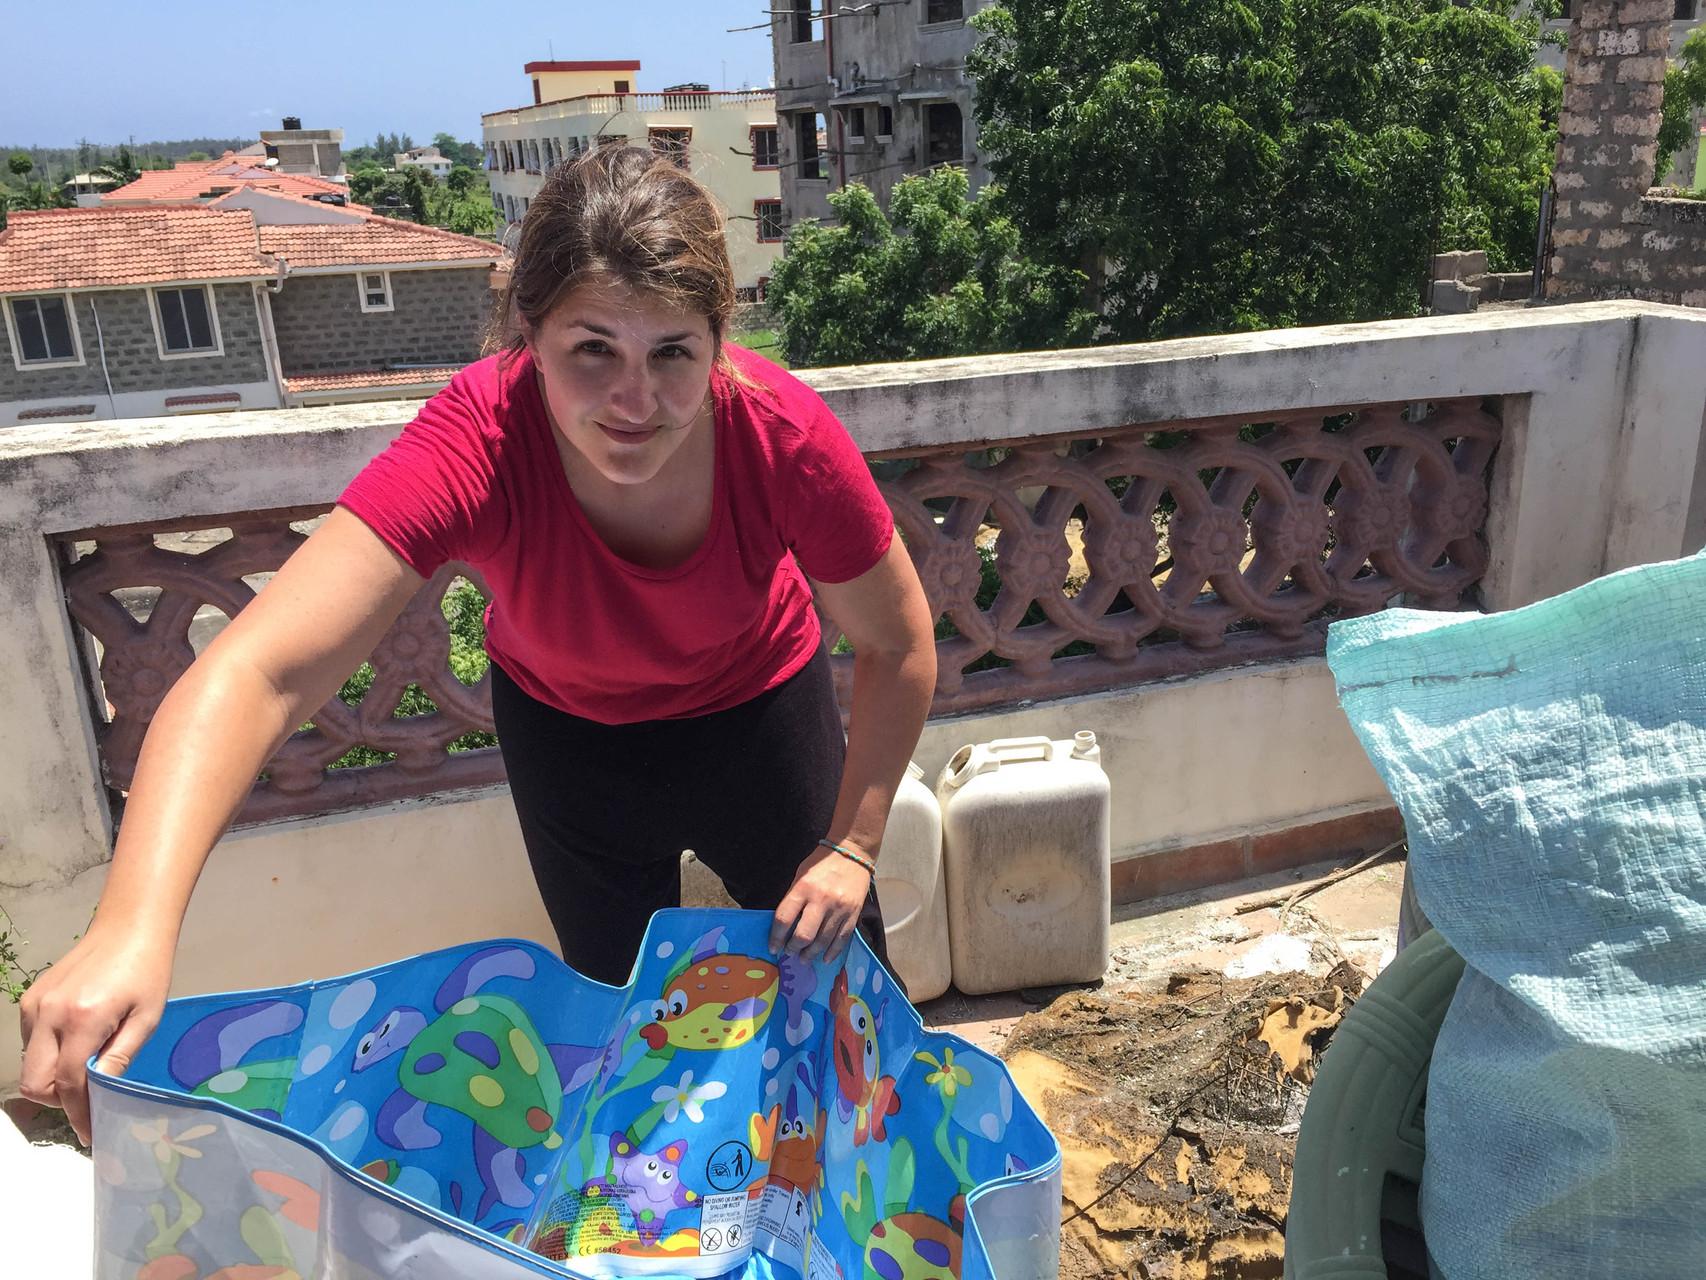 Nadine beim Aufräumen auf der Dachterrasse